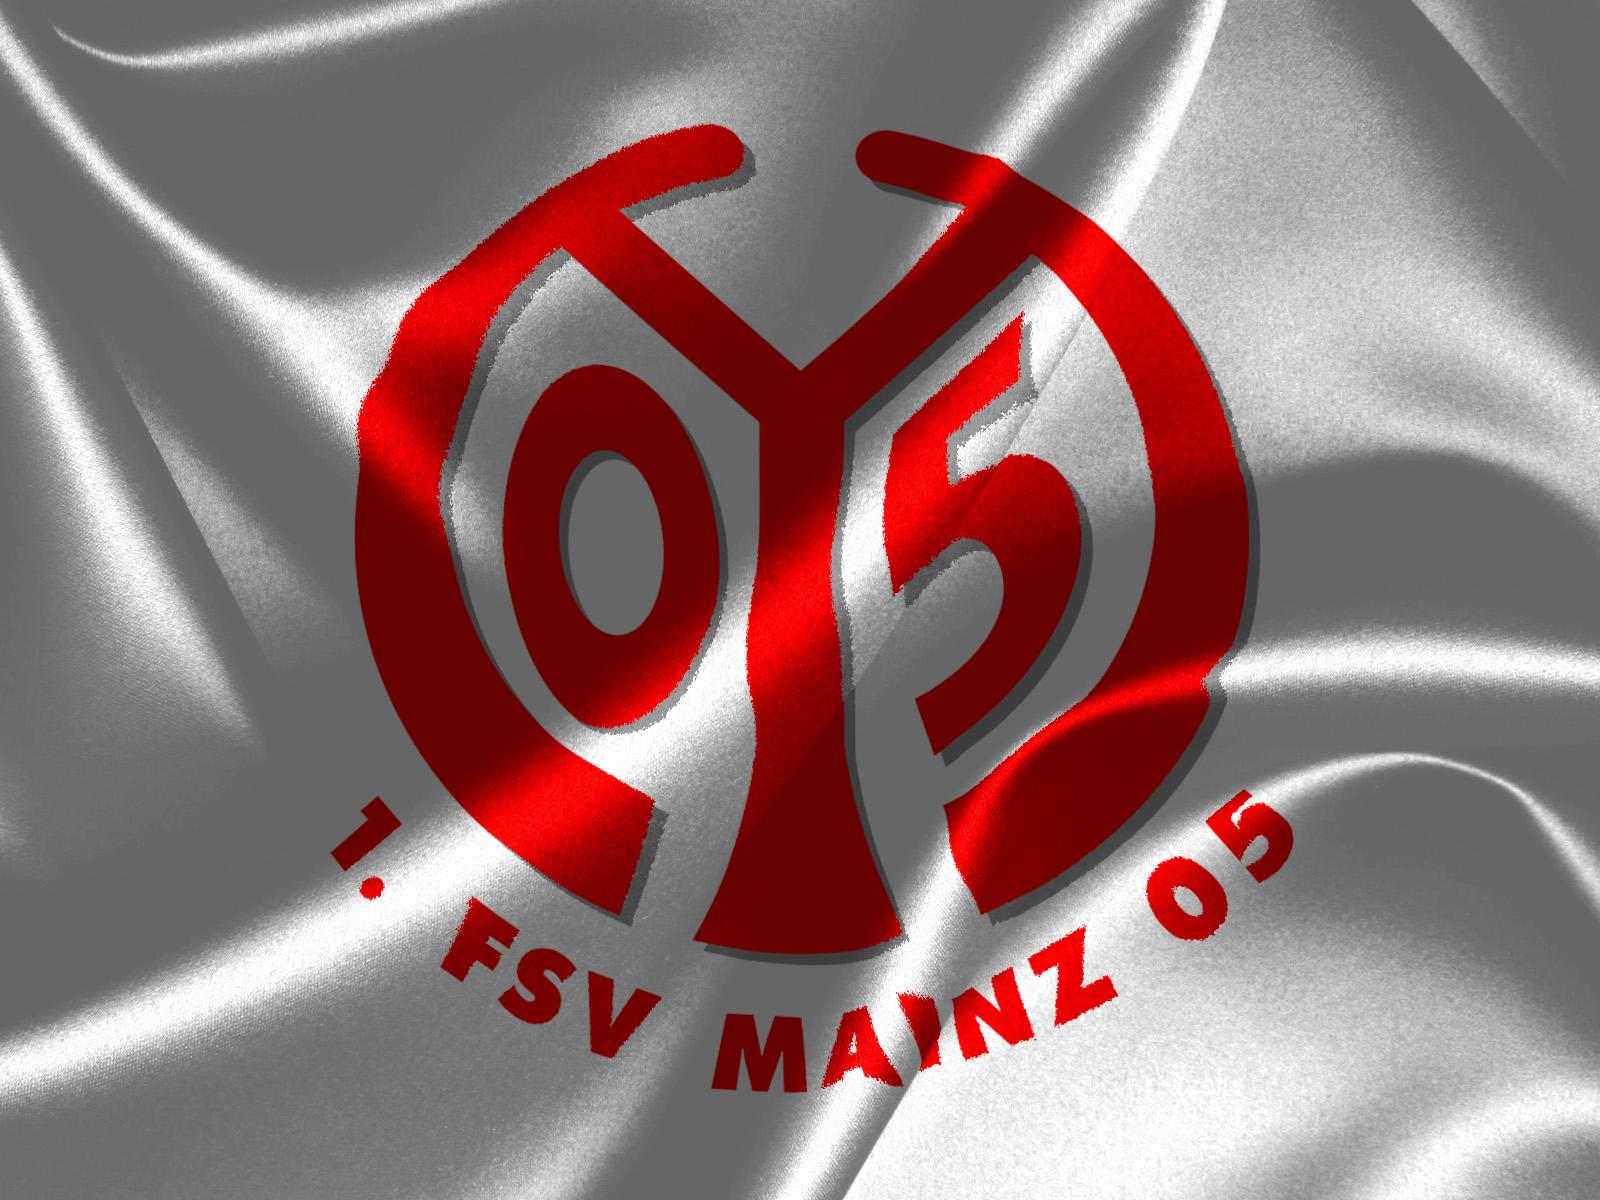 1. FSV Mainz 05 #014 - Hintergrundbild